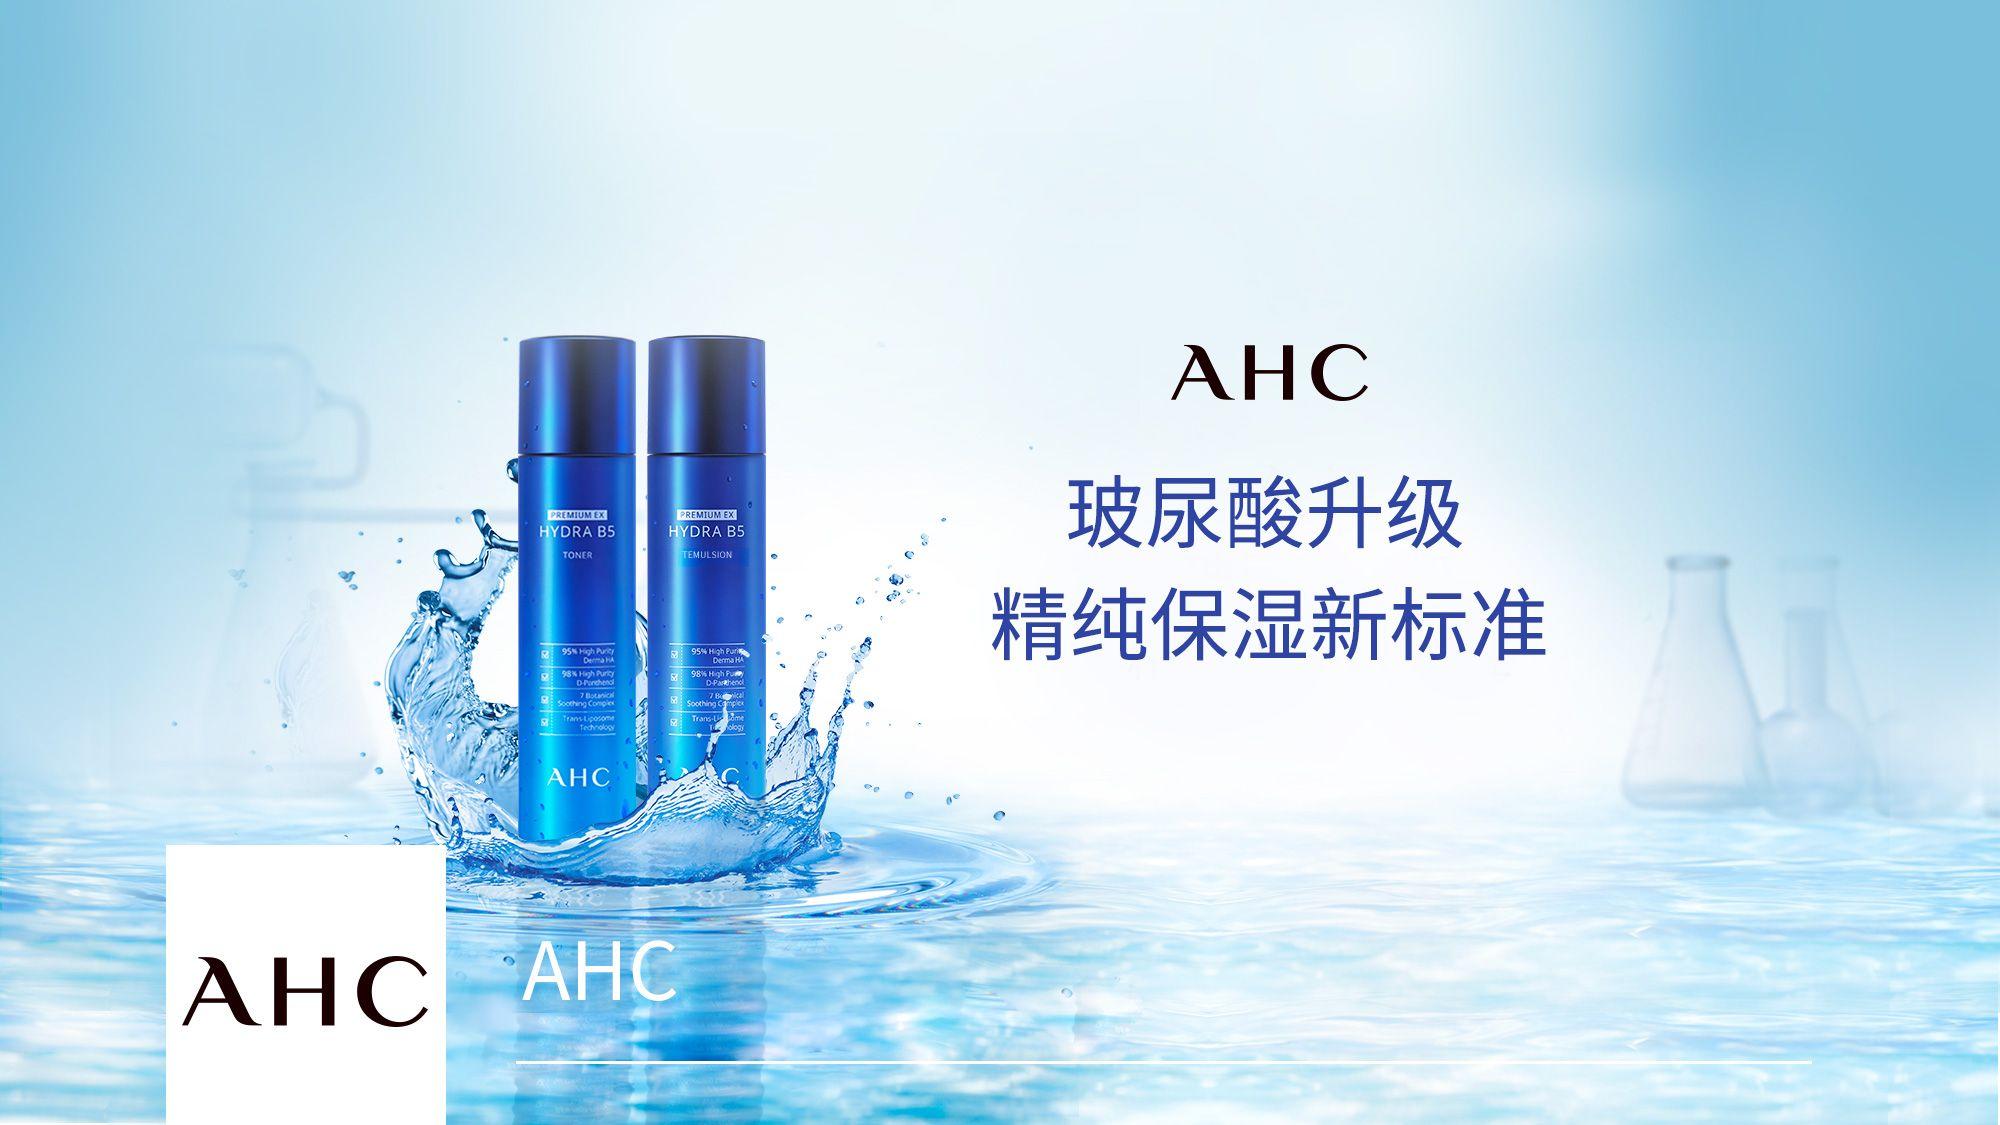 chn ahc banner